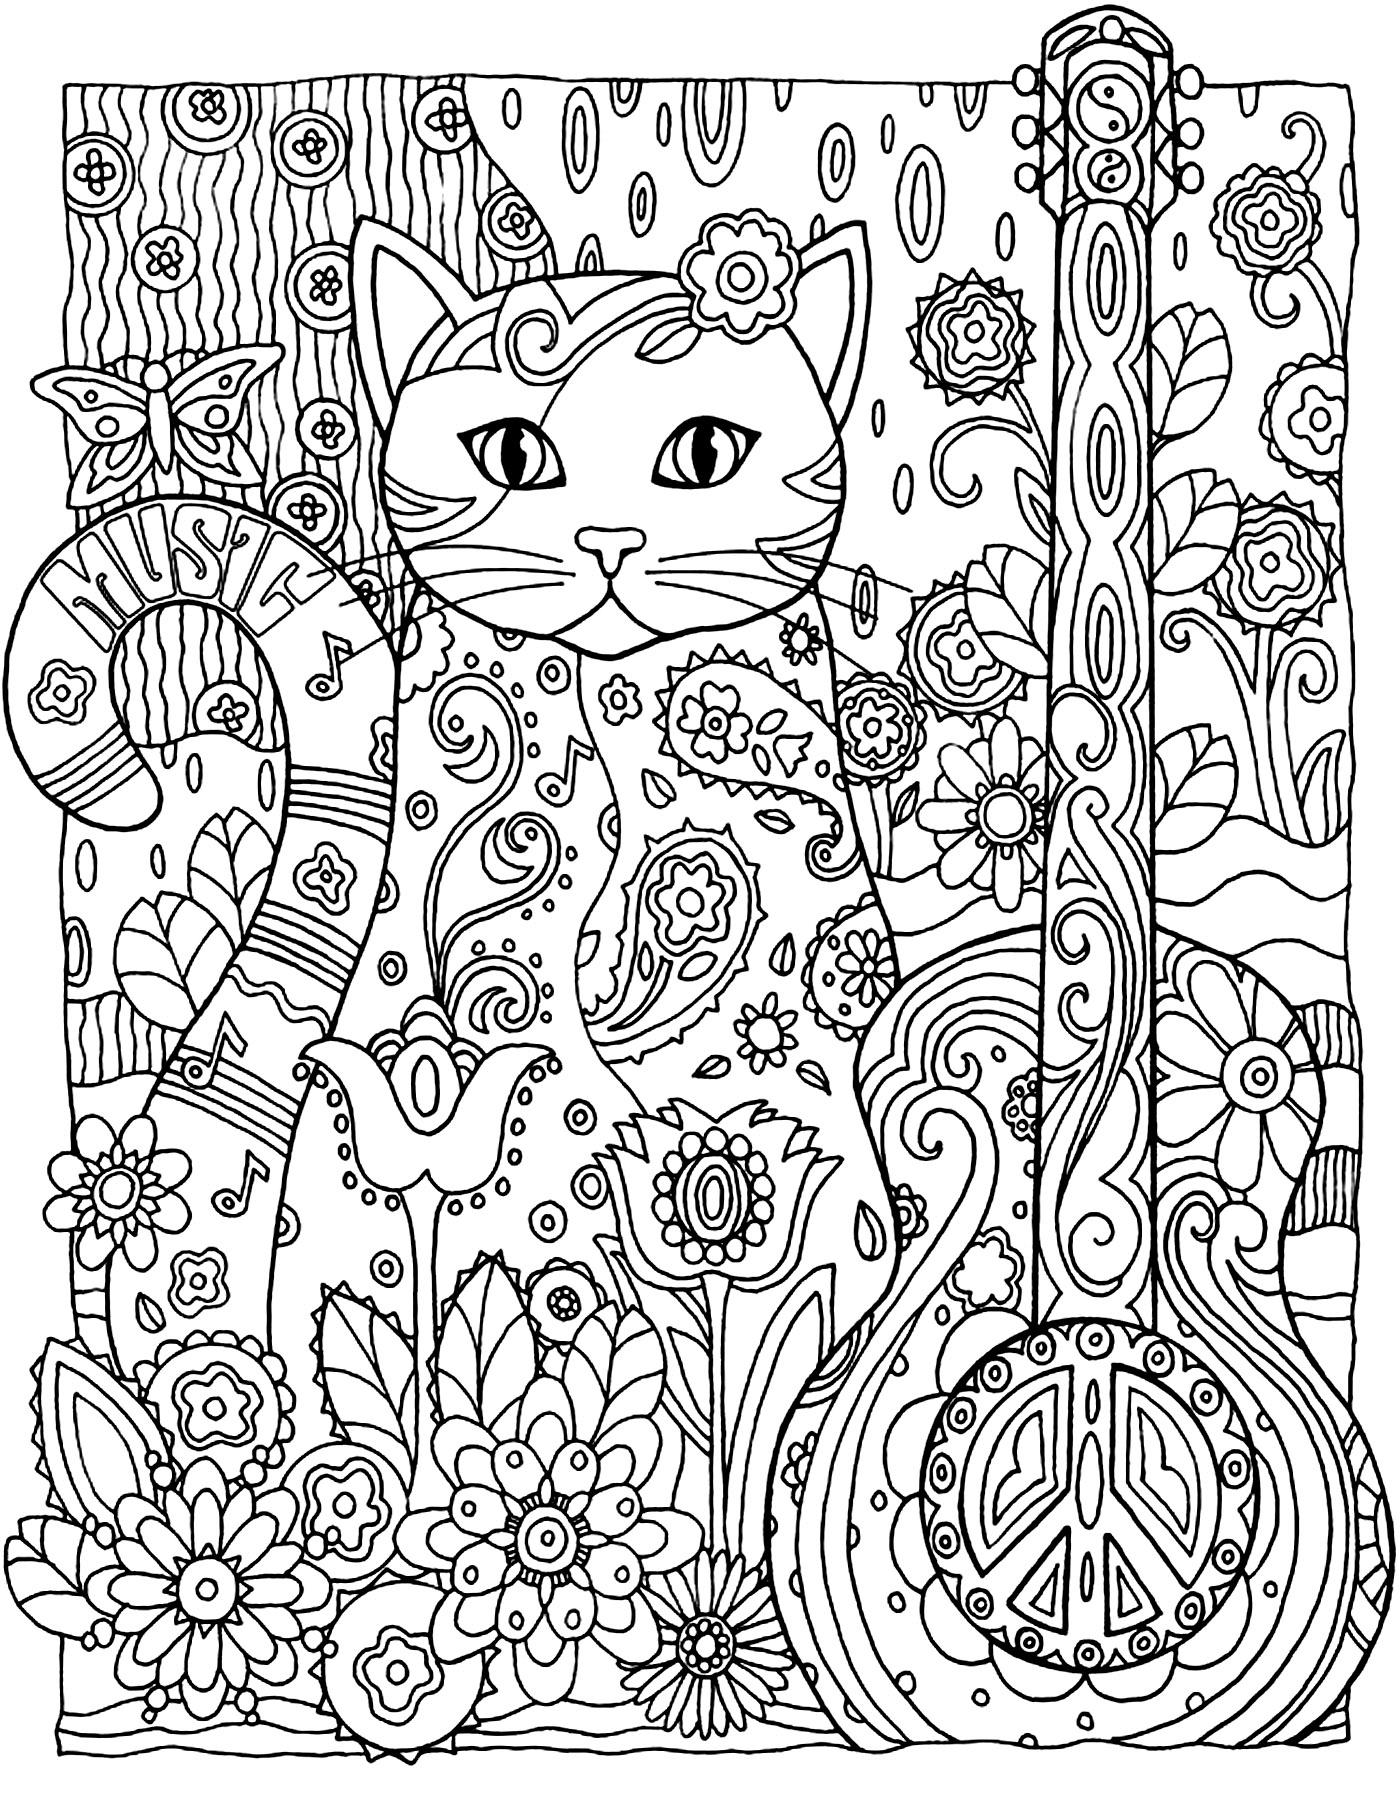 Chat magnifique coloriages de chats coloriages pour enfants - Coloriage magnifique ...